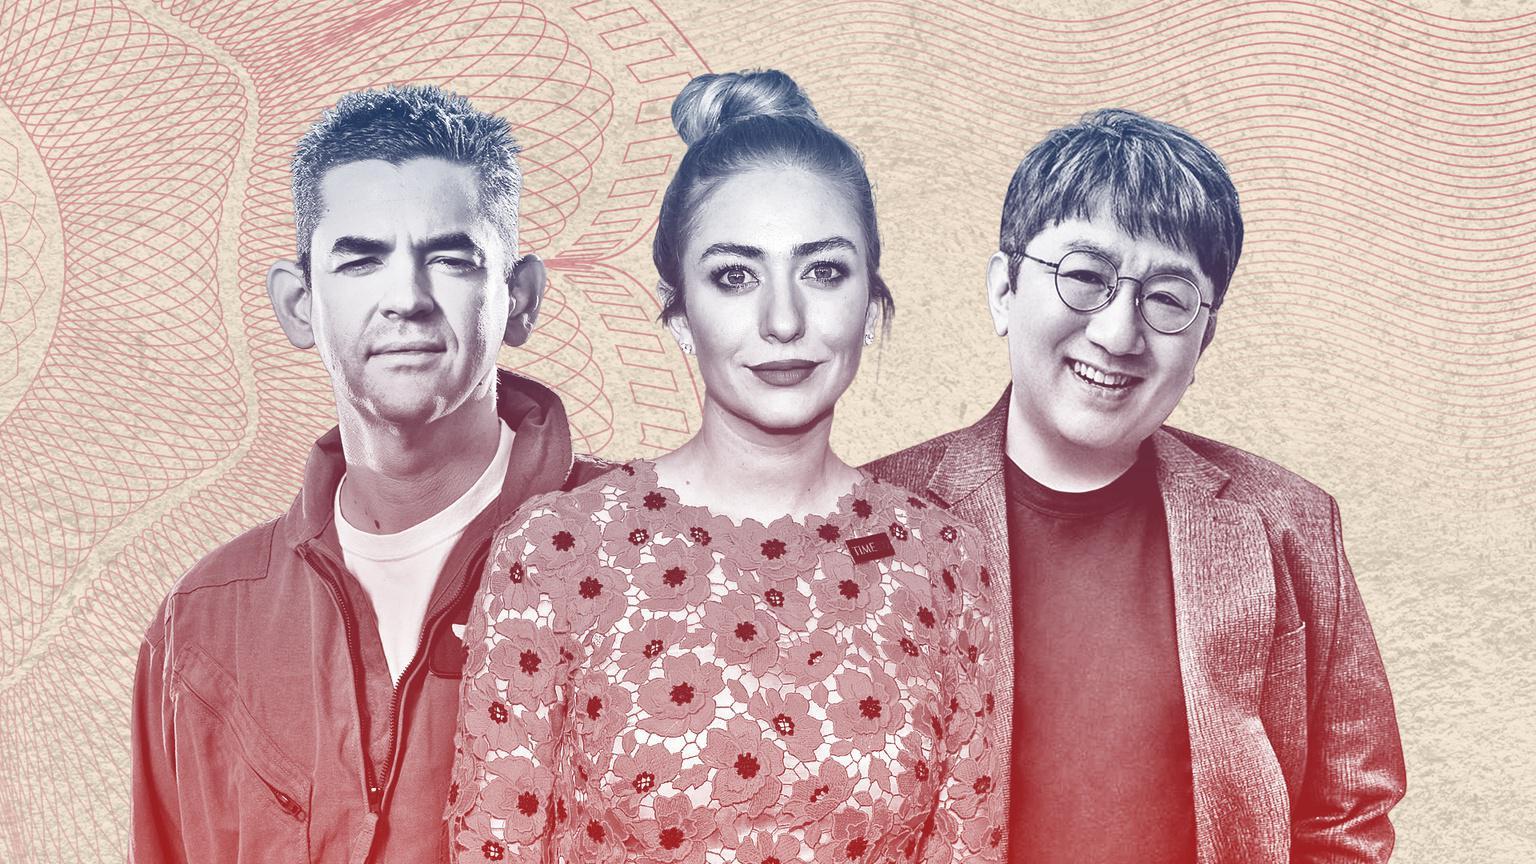 Từ trái sang phải là các tỷ phú: Jared Isaacman, Whitney Wolfe Herd, Bang Shi-hyuk